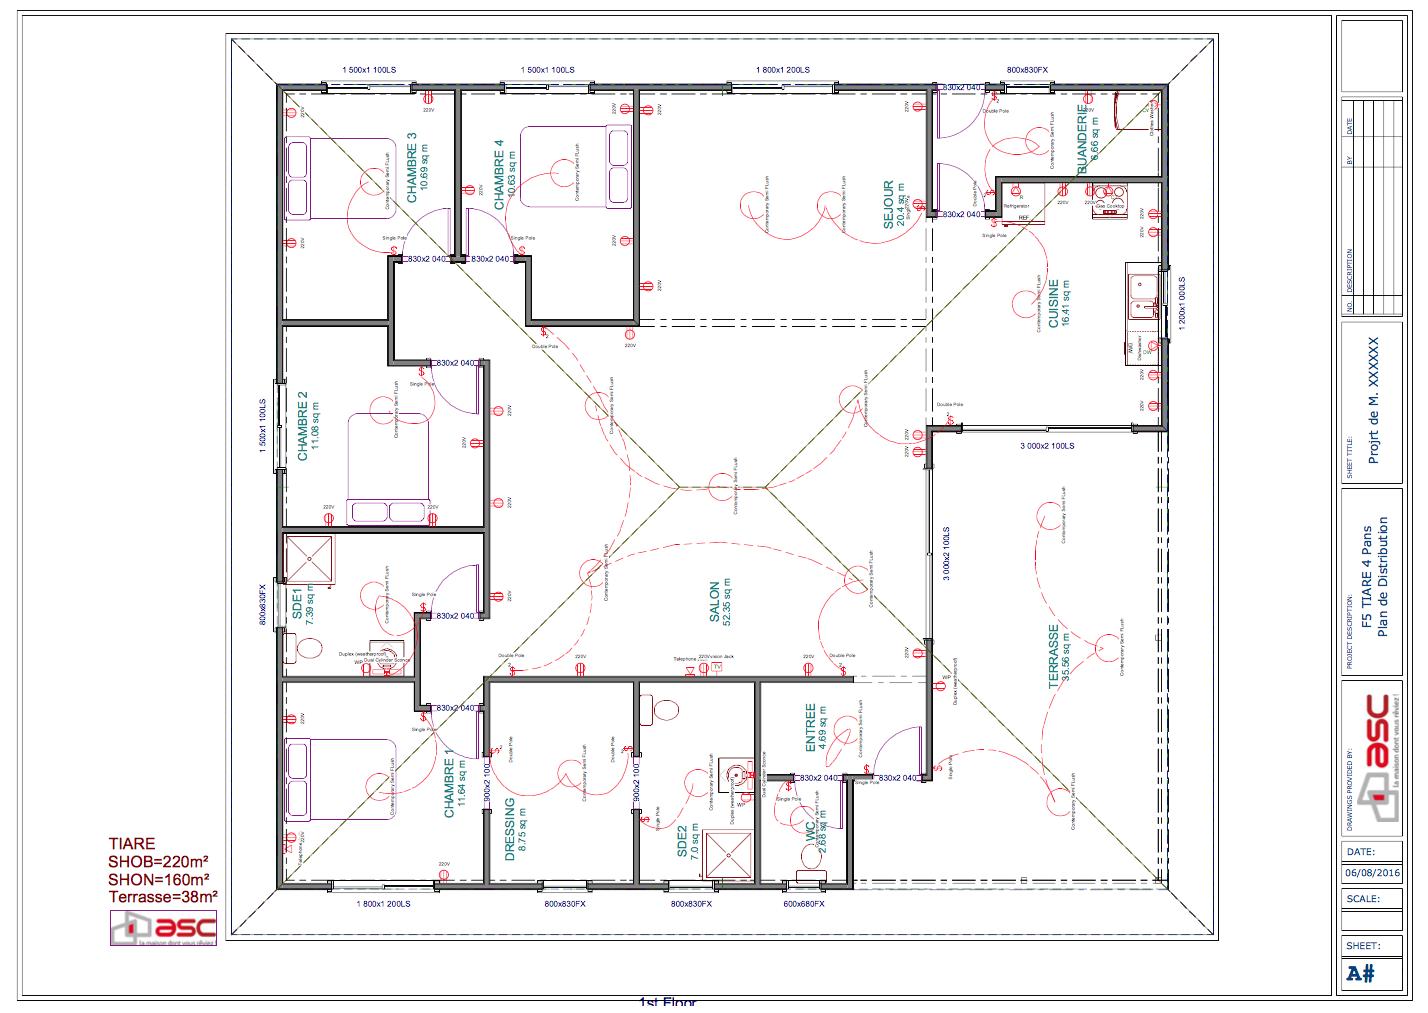 Tiare 220 m2